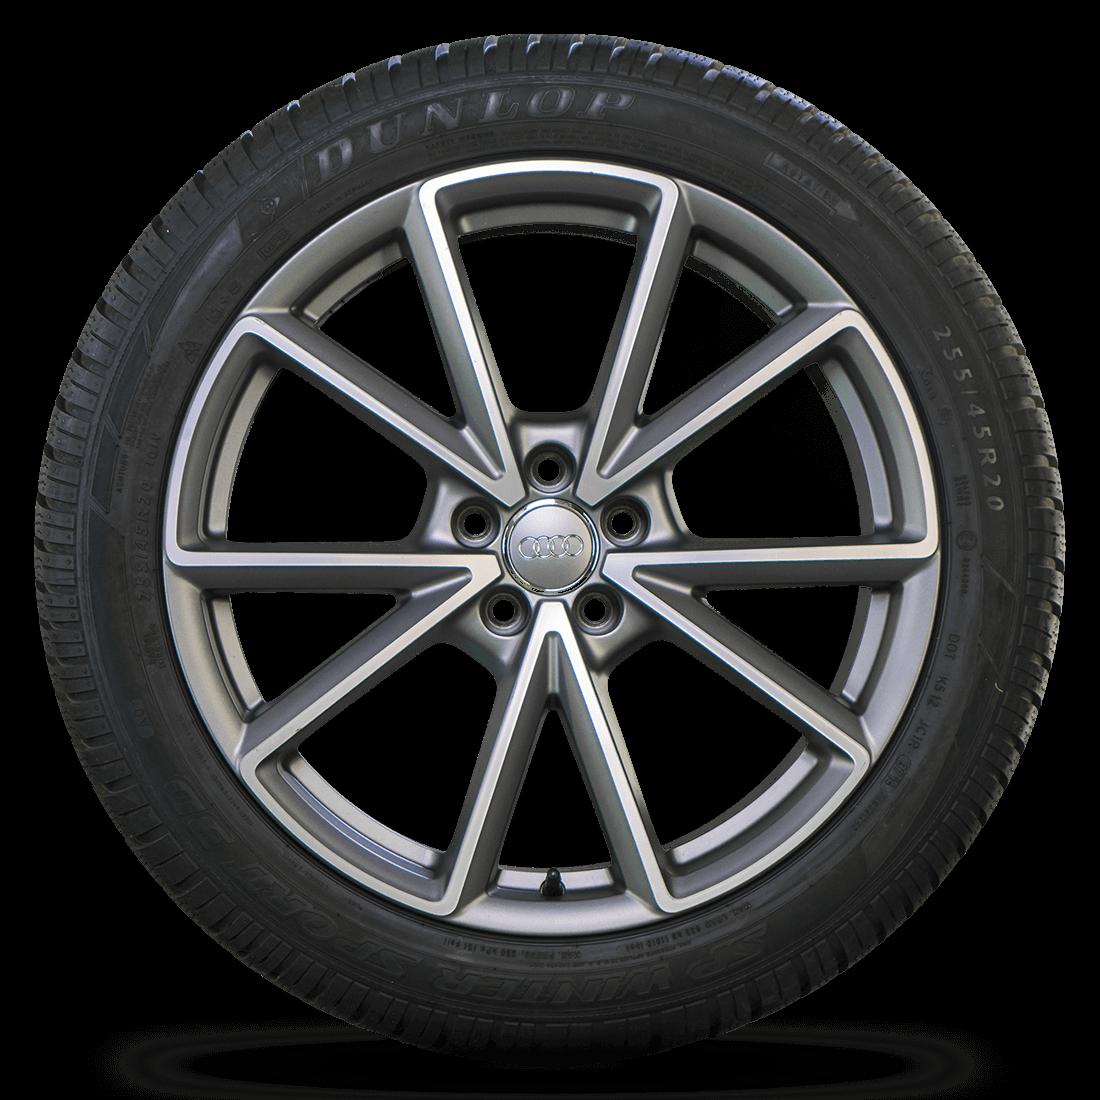 Audi 20 Inch Rims Q5 SQ5 8R Aluminum Rims Winter Tires Winter